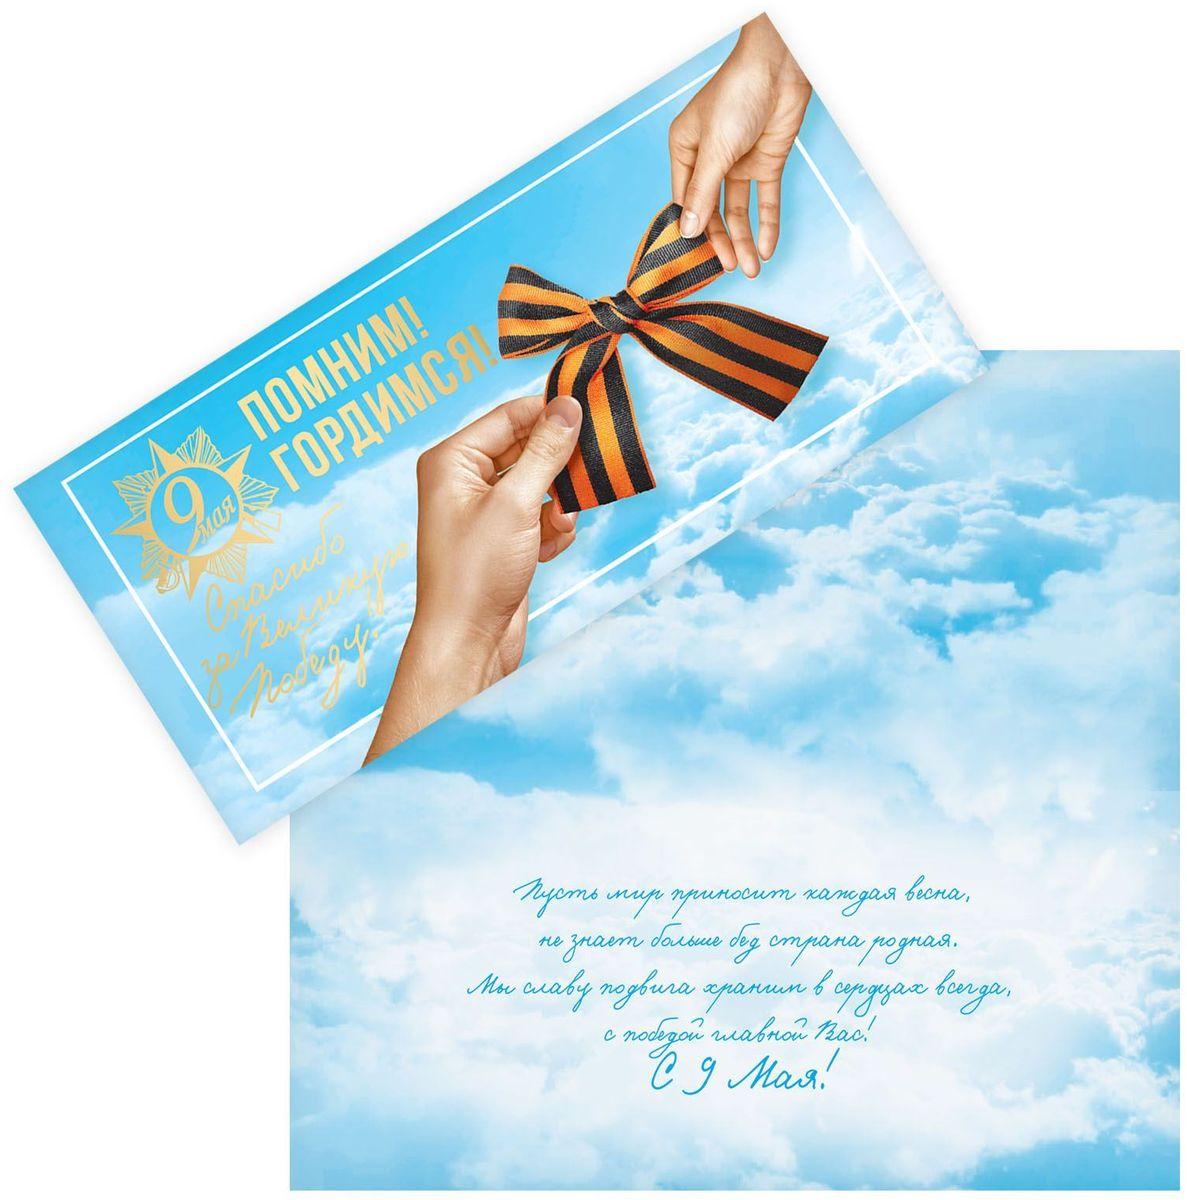 Открытка Дарите cчастье Спасибо за Великую Победу!74-0120Выразить свои чувства и дополнить основной подарок тёплыми словами вам поможет поздравительная открытка. С ней ваше пожелание «Счастья, любви и здоровья» приобретёт трепетный и душевный подтекст. А воспоминания о праздничном дне ещё долго будут радовать адресата.